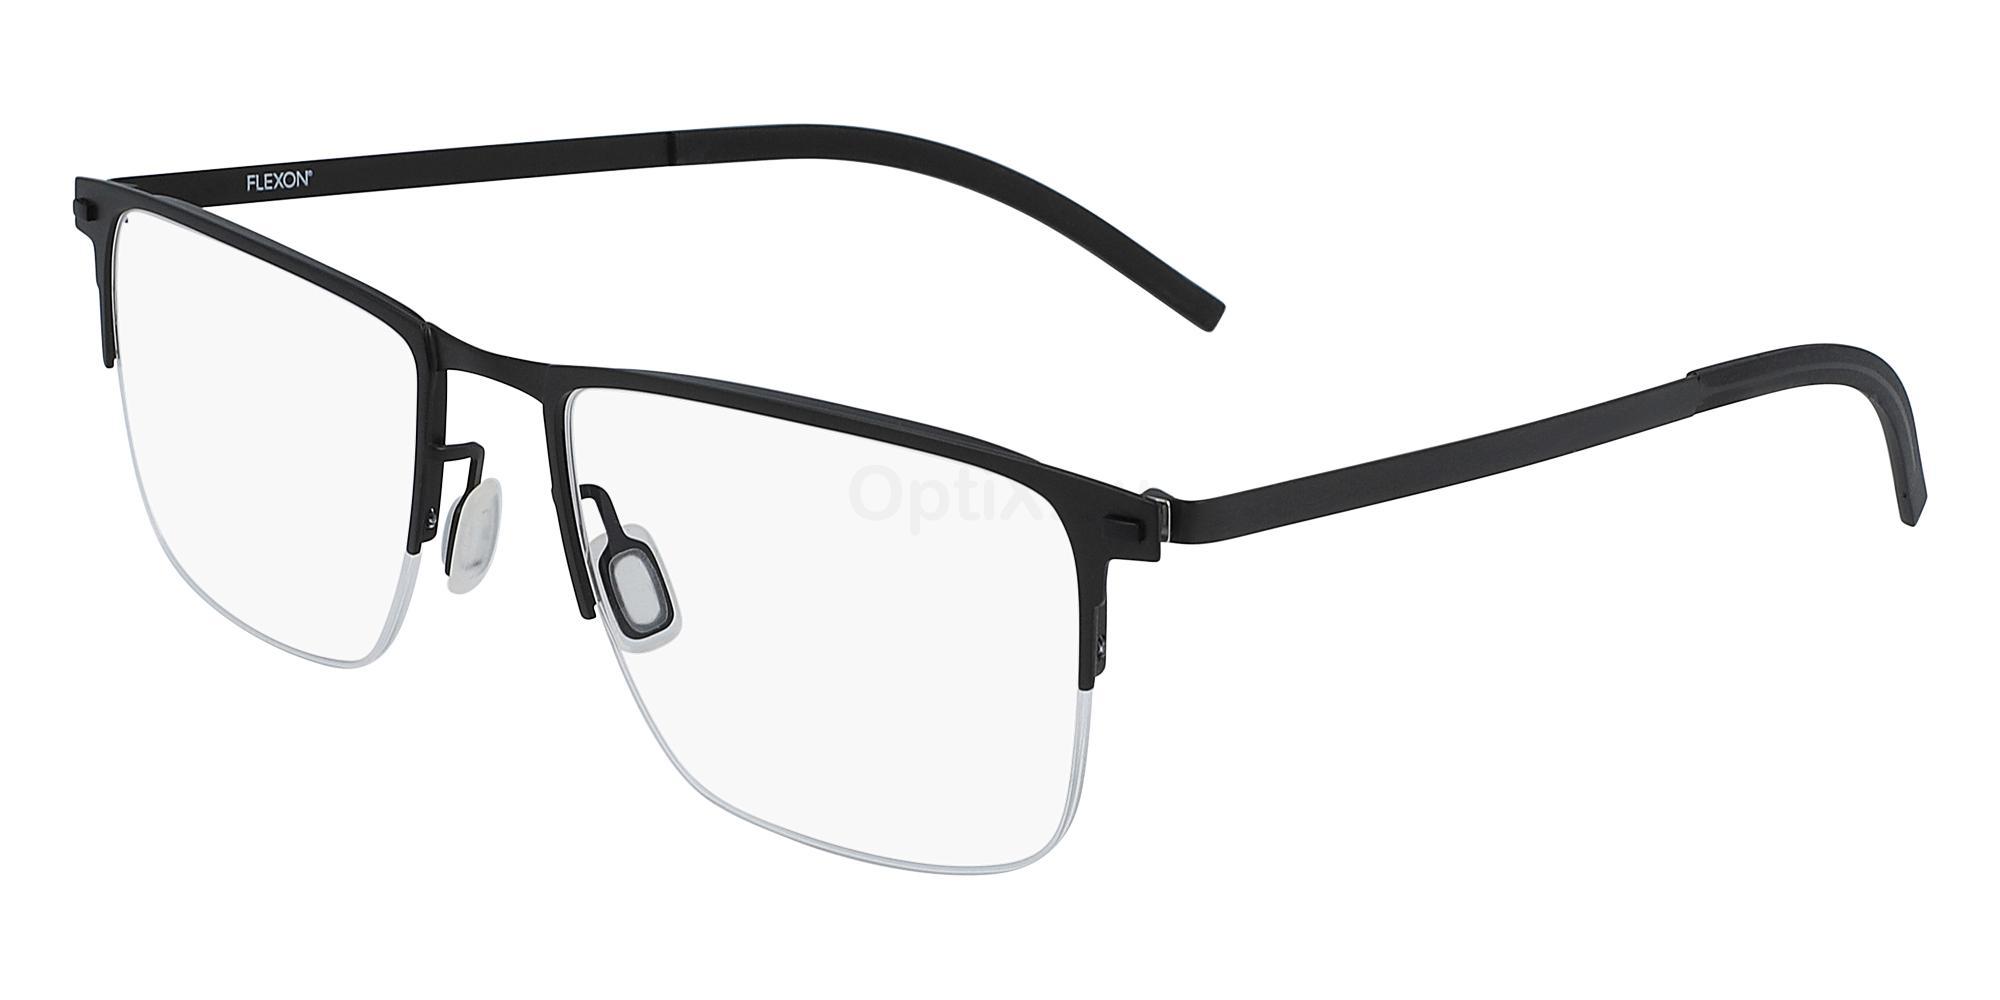 001 FLEXON B2027 Glasses, Flexon